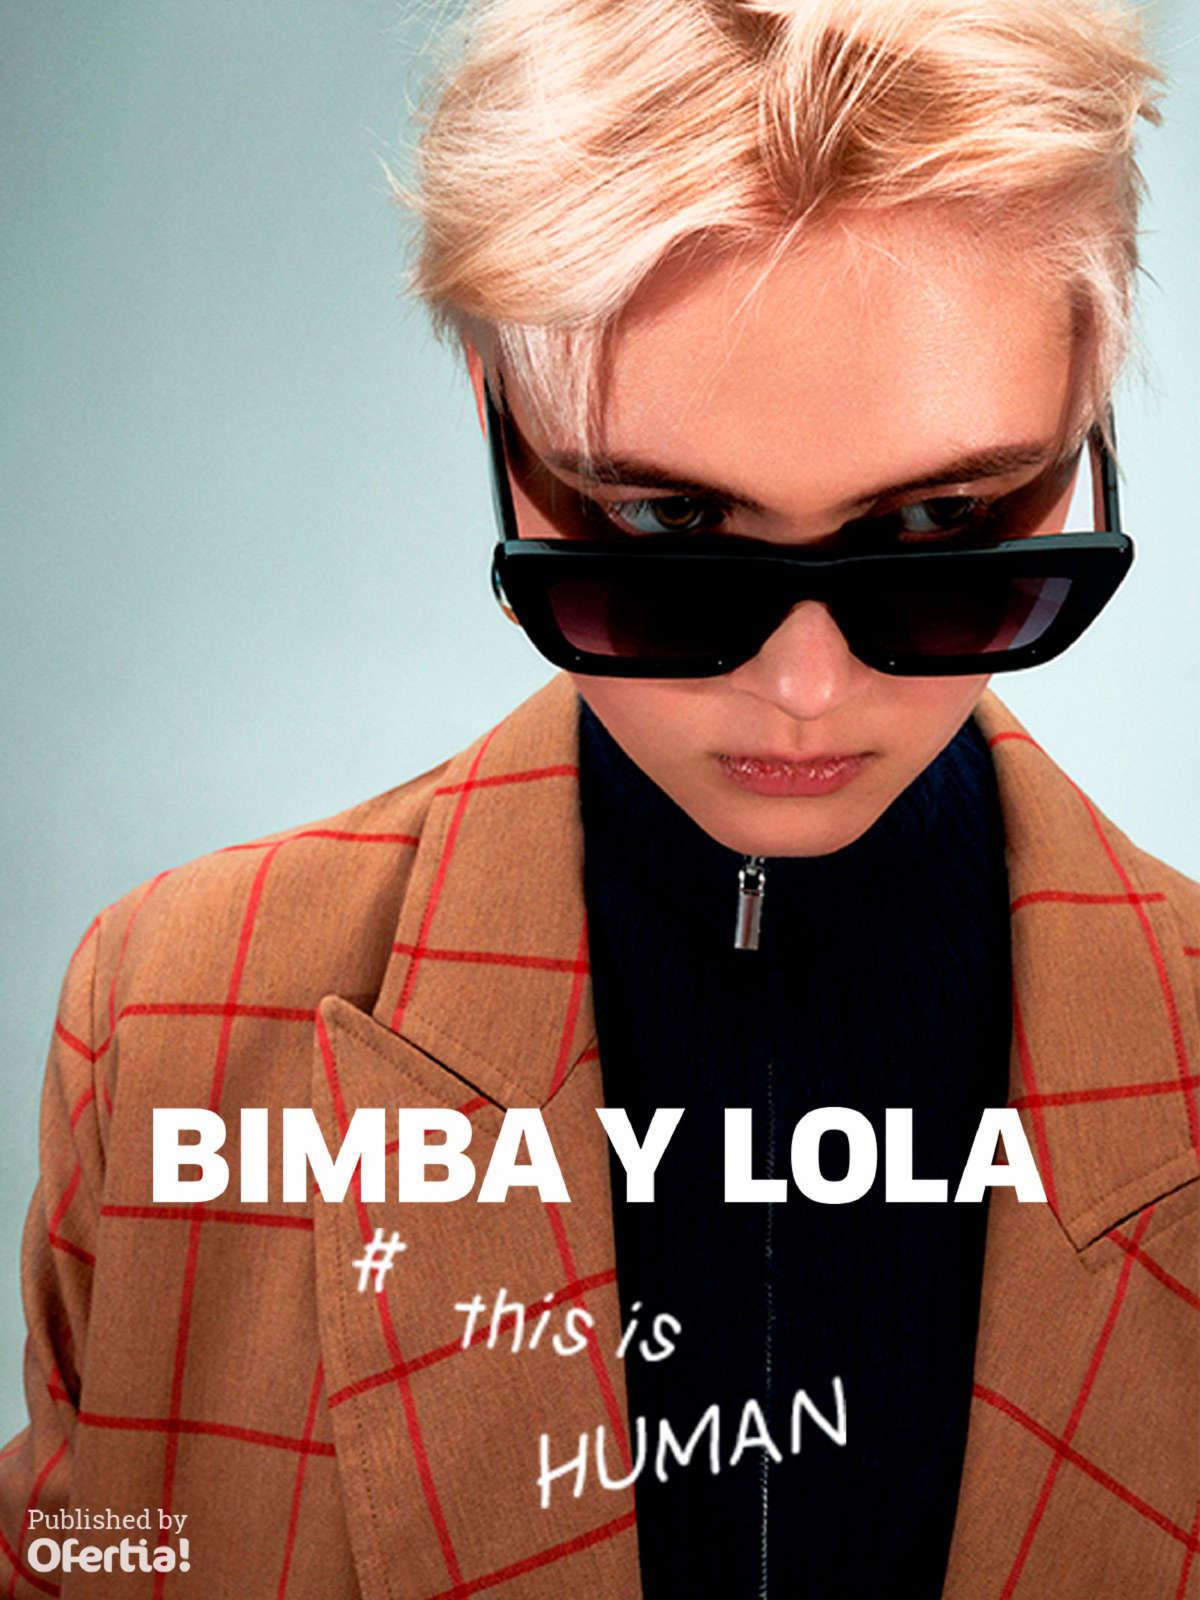 Bolso Barato En Ofertia Lola Bimbaamp; Ourense Comprar 0Onym8wvN